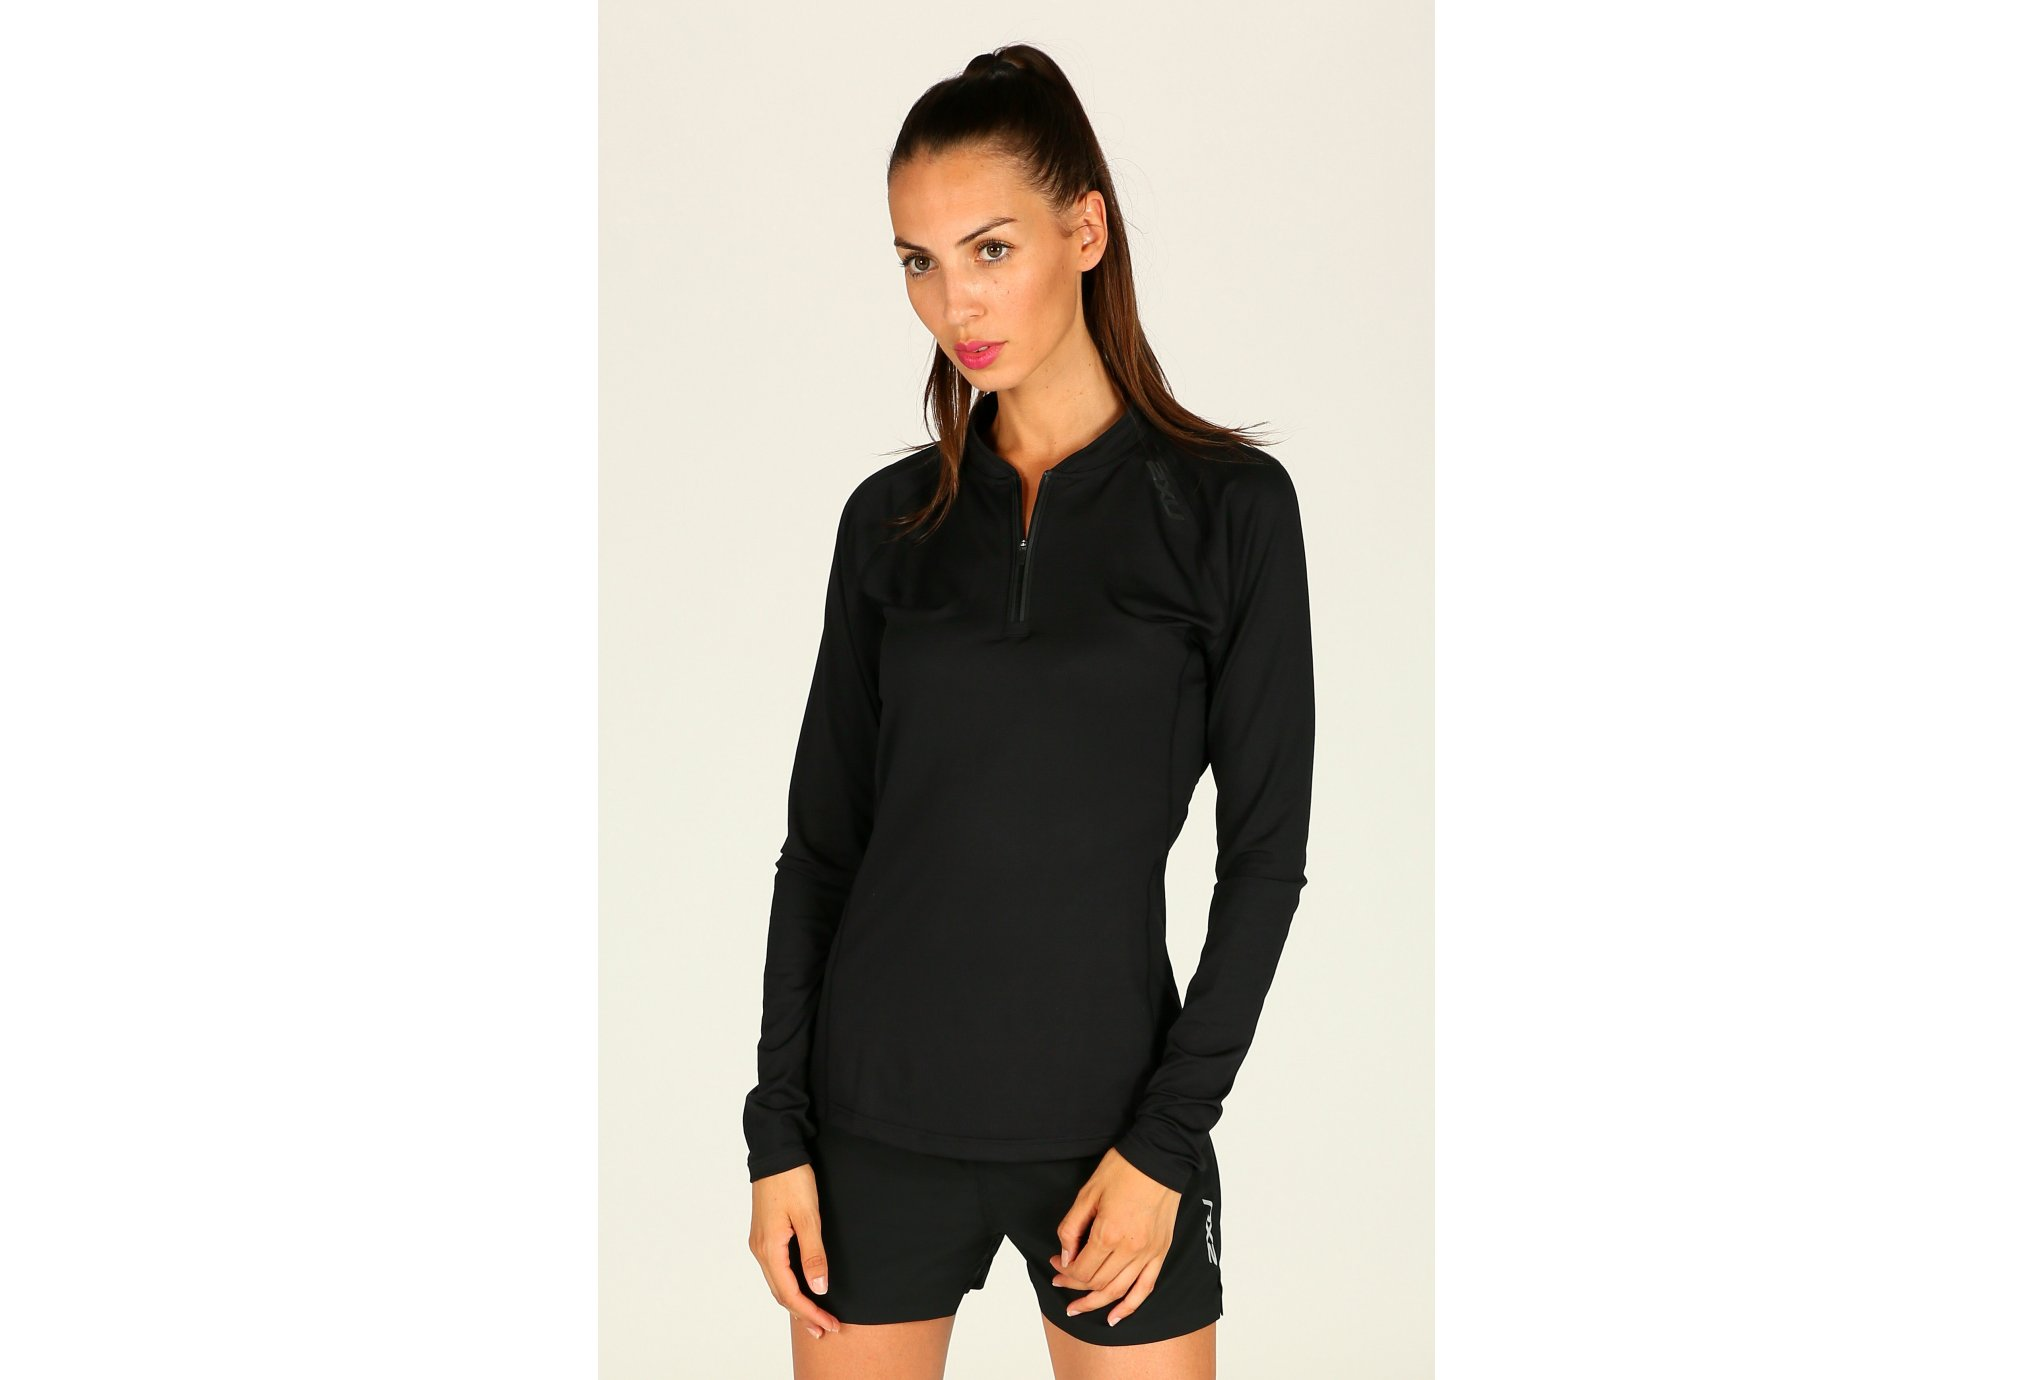 2xu Maillot hyoptik 1/4 zip w vêtement running femme